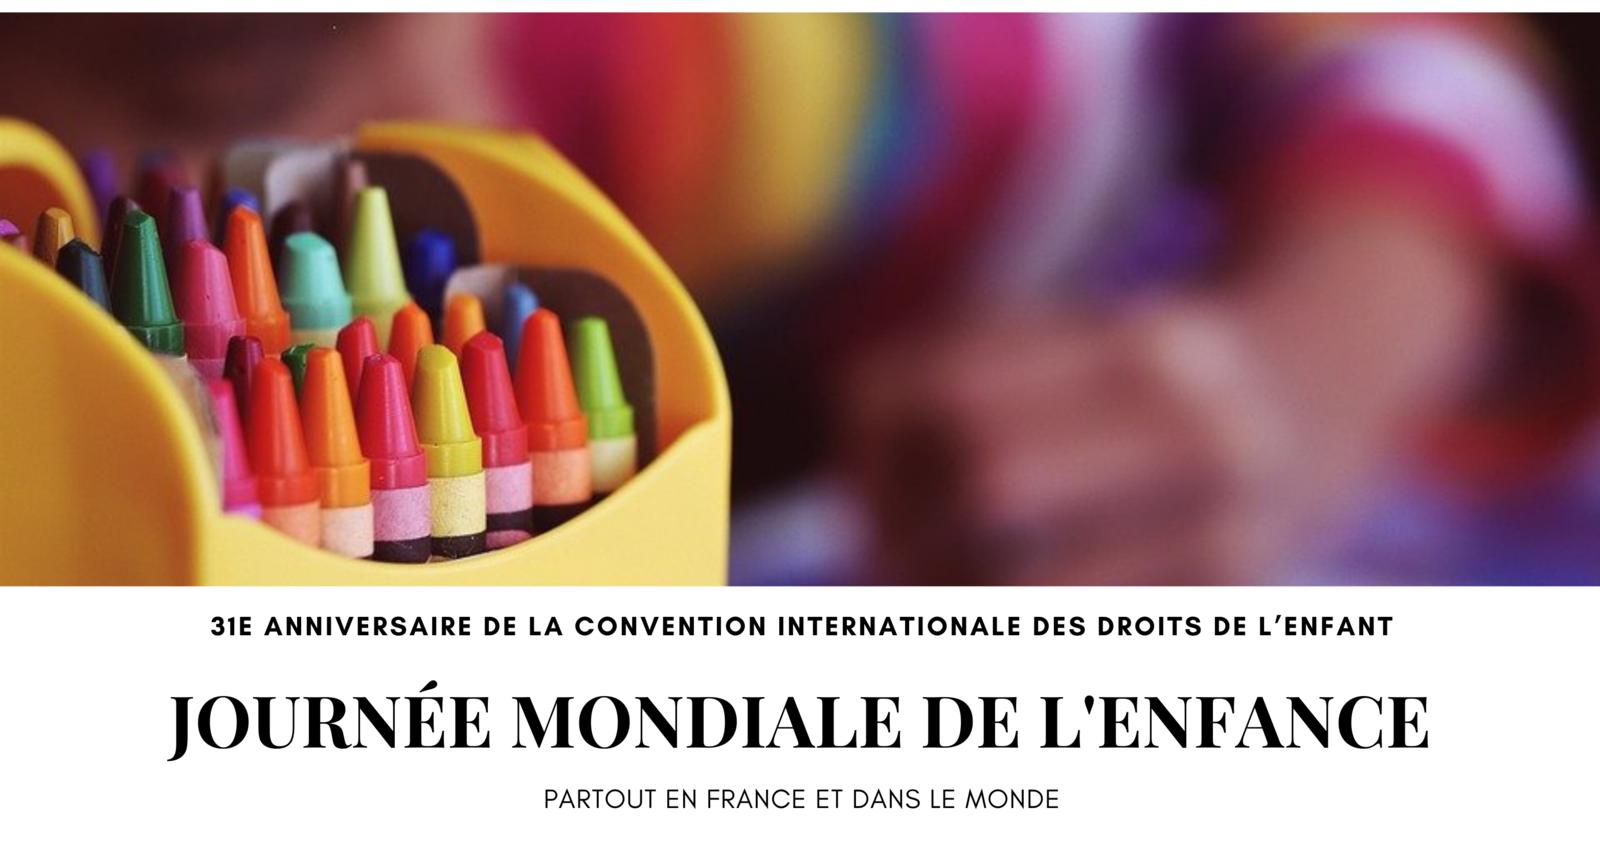 [Solidarité] Droits de l'Enfant : l'UNICEF appelle les pays à mener une action mondiale